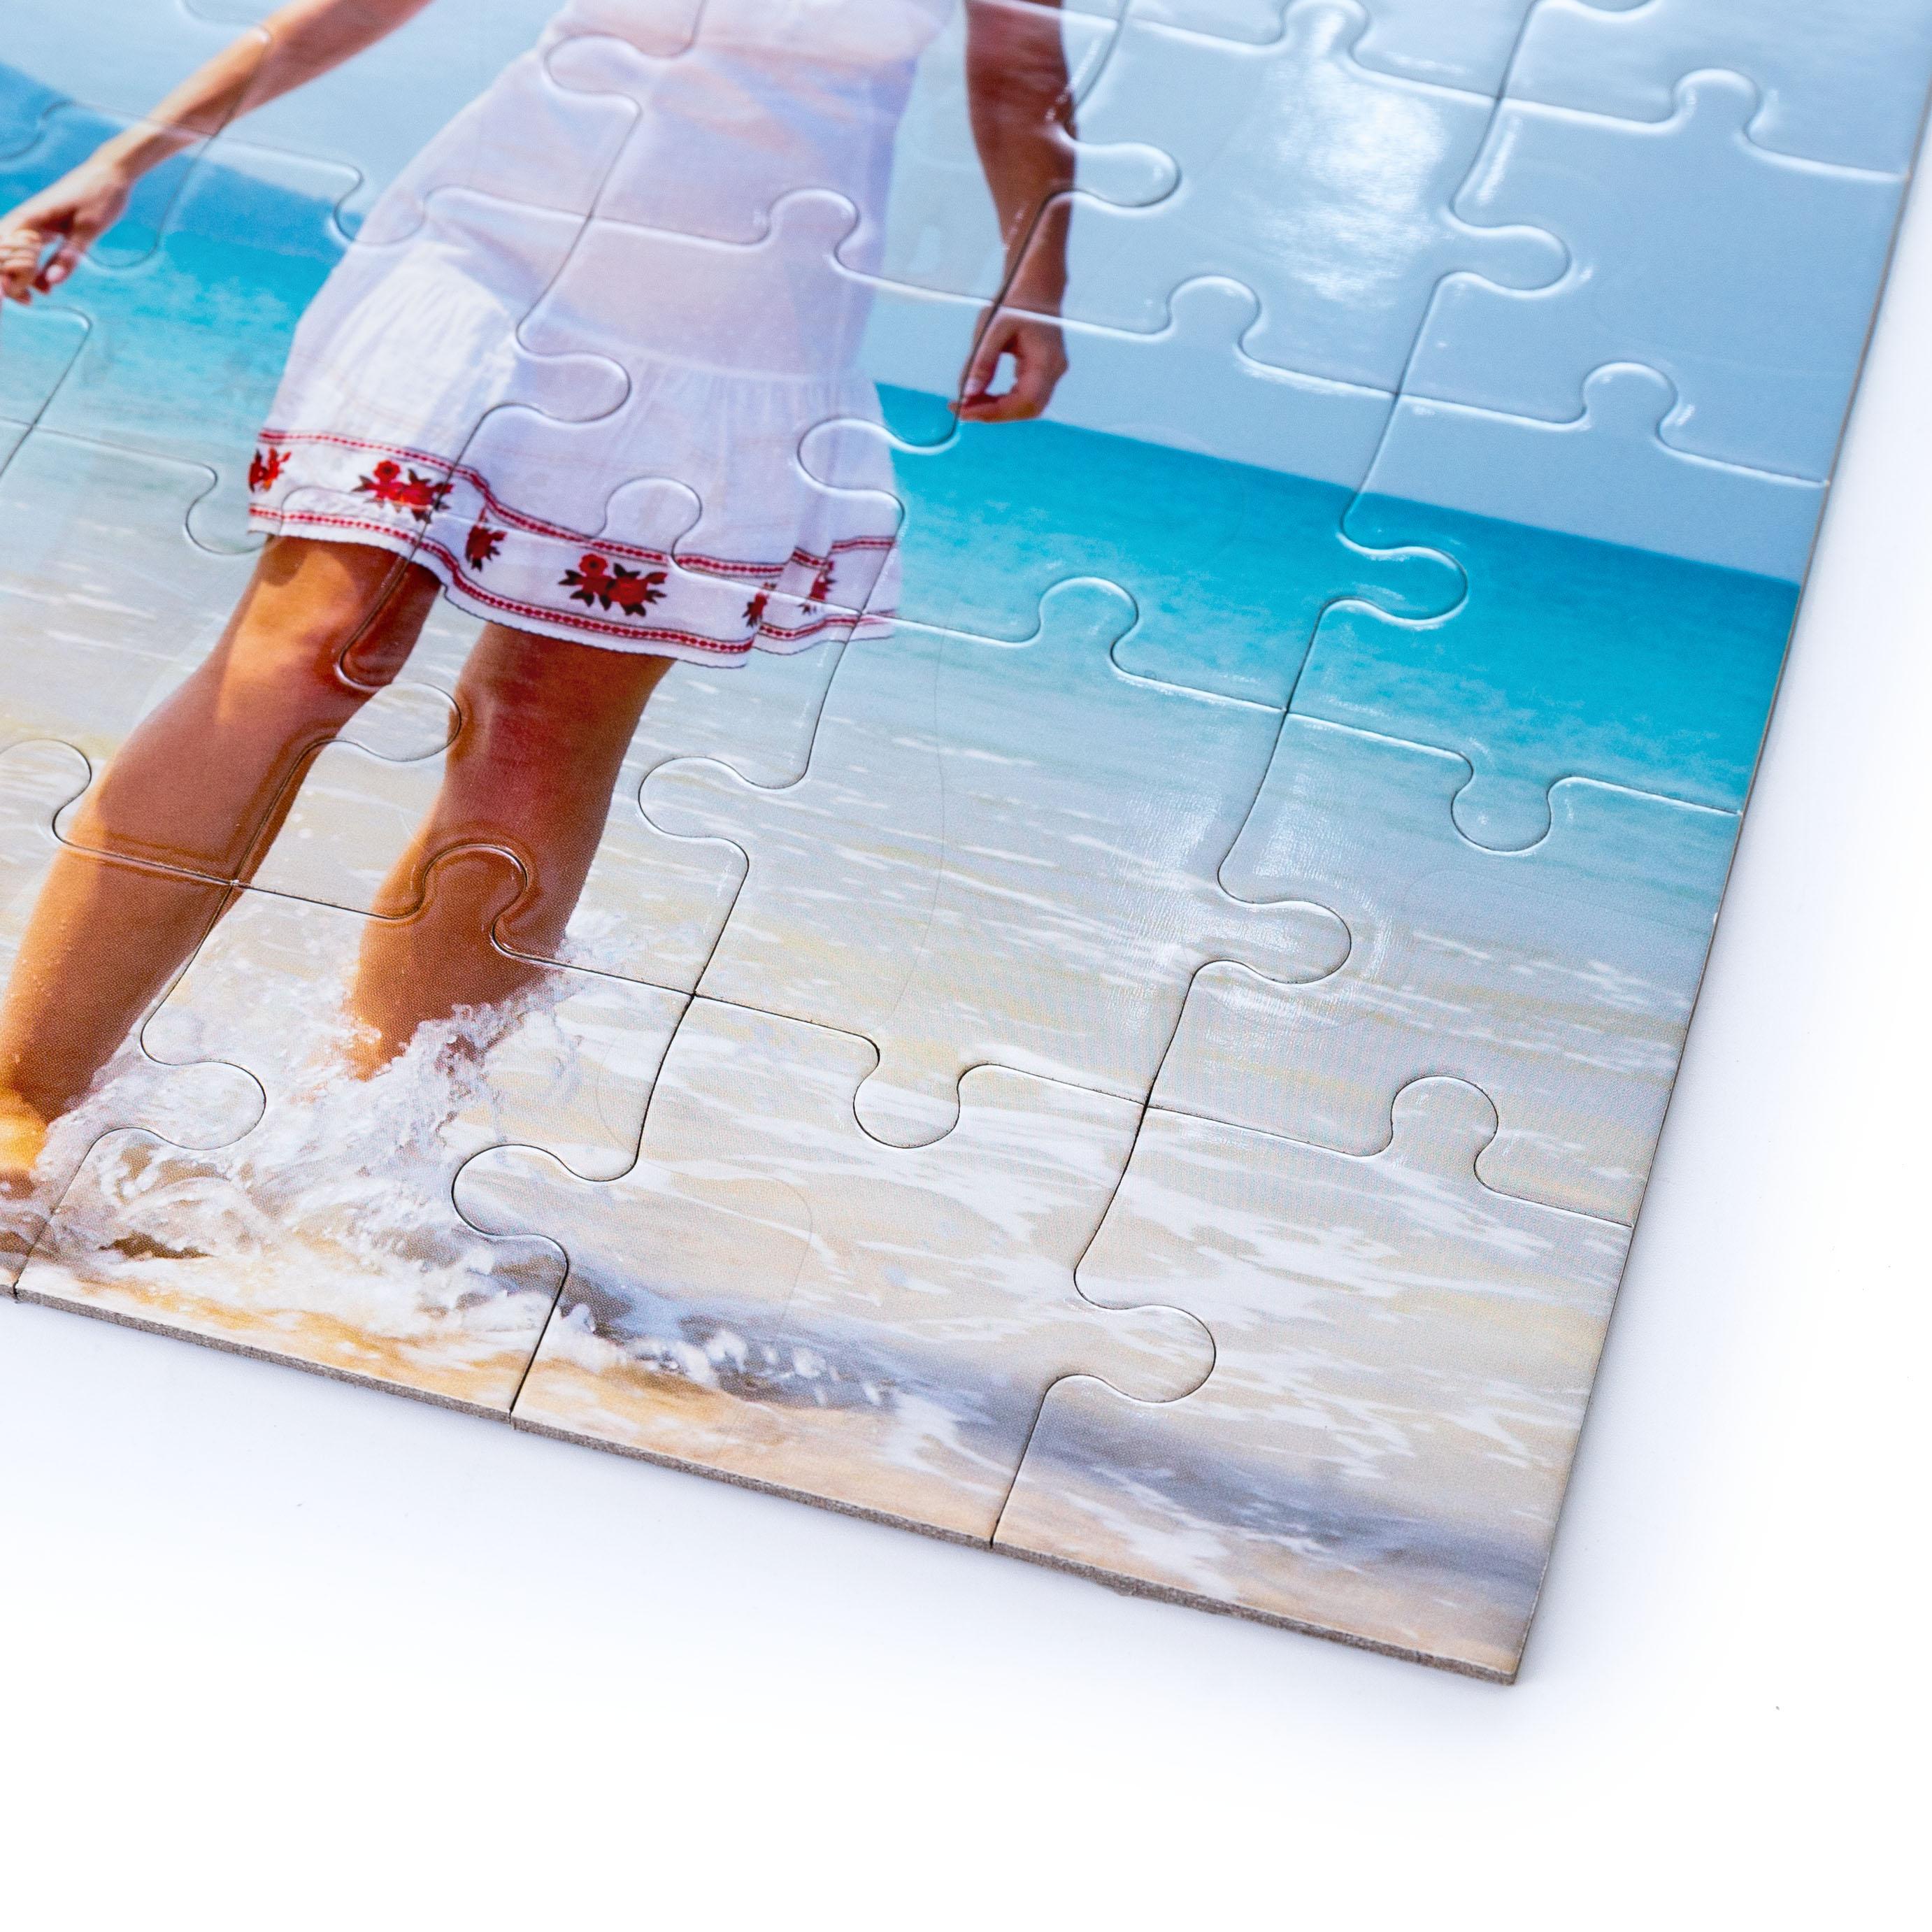 54 pieces